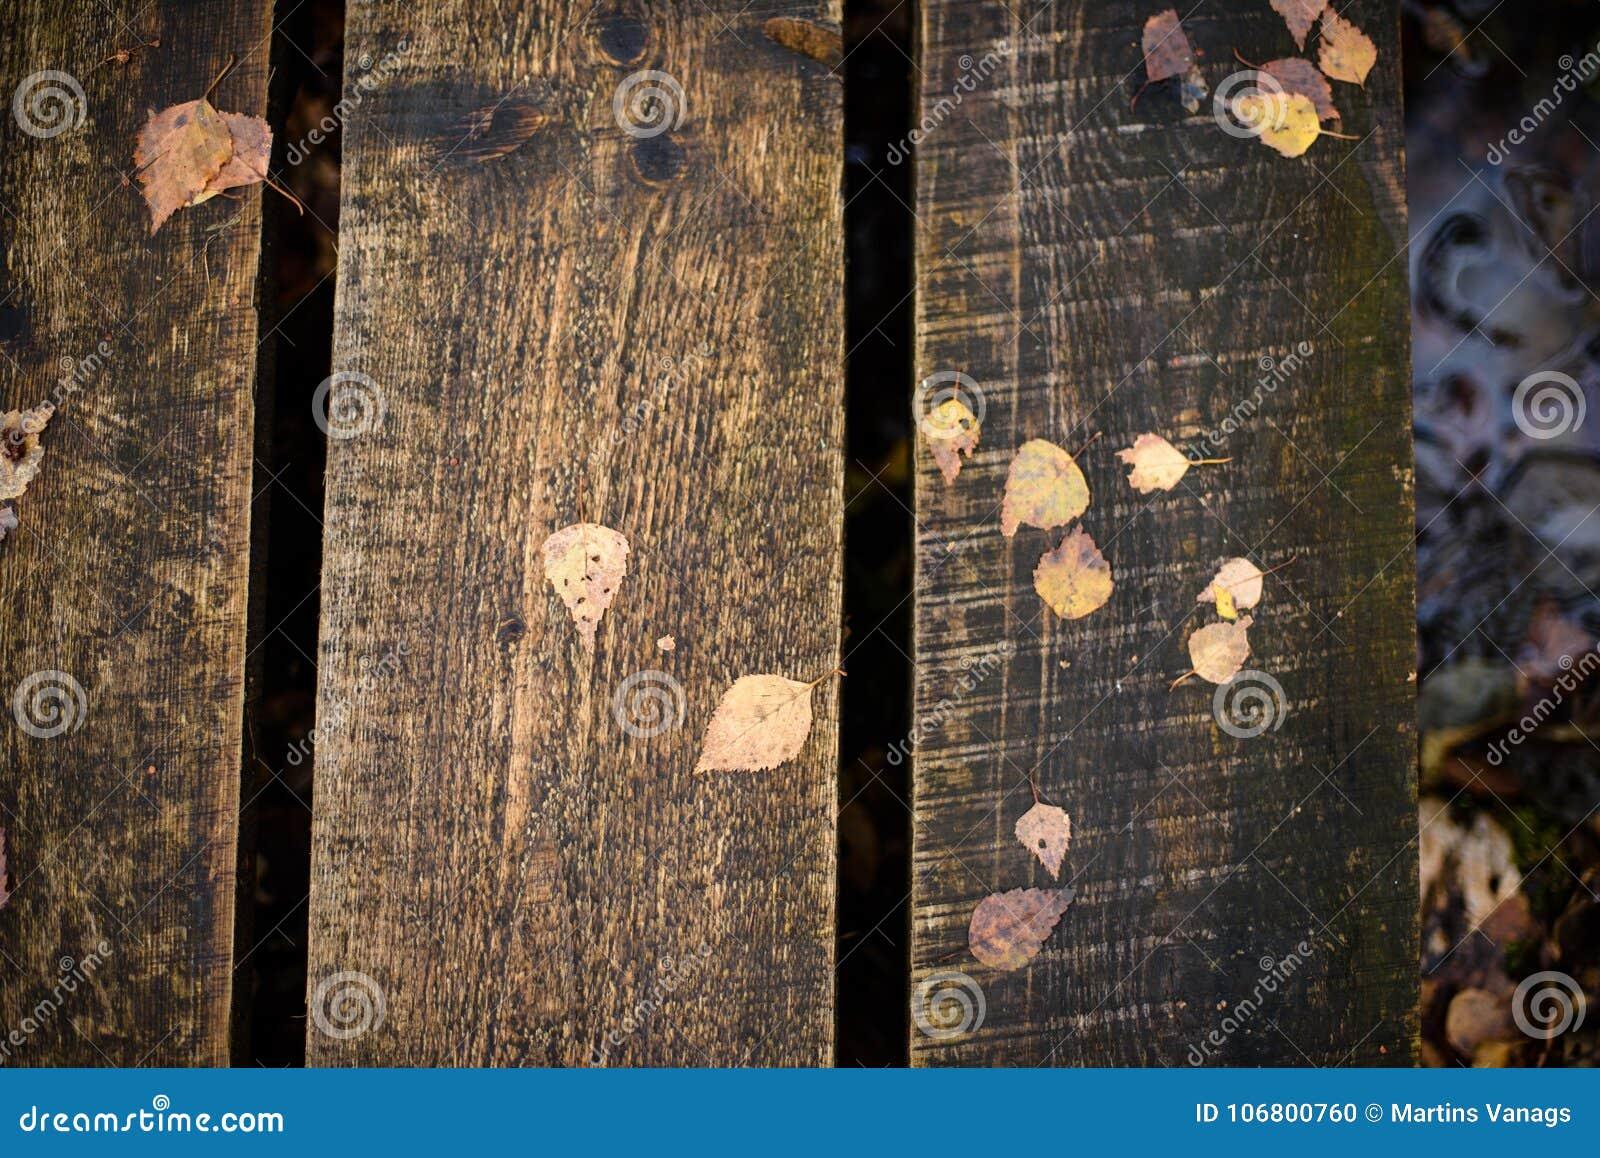 Download Alte Hölzerne Promenade Bedeckt Mit Blättern Im Alten Wald Stockfoto - Bild von moos, ökologie: 106800760